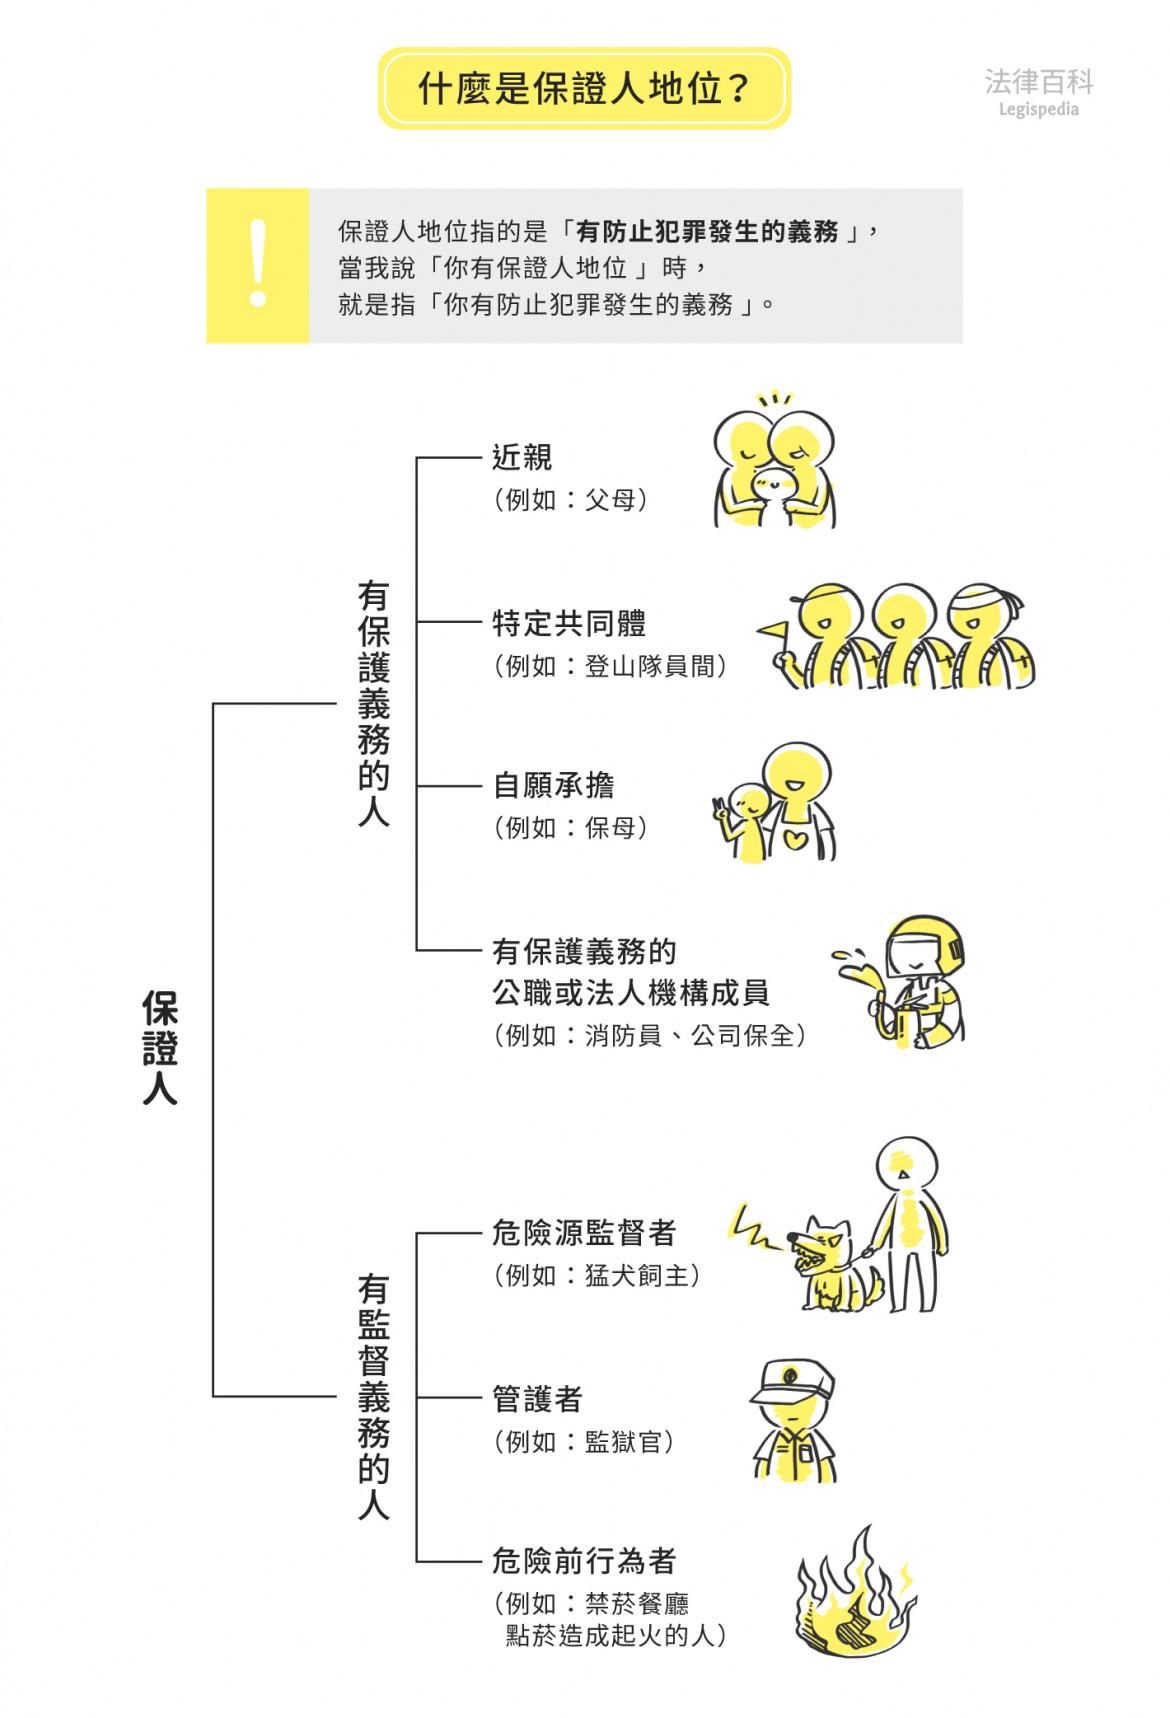 圖1 什麼是保證人地位?  資料來源:楊舒婷 / 繪圖:Yen